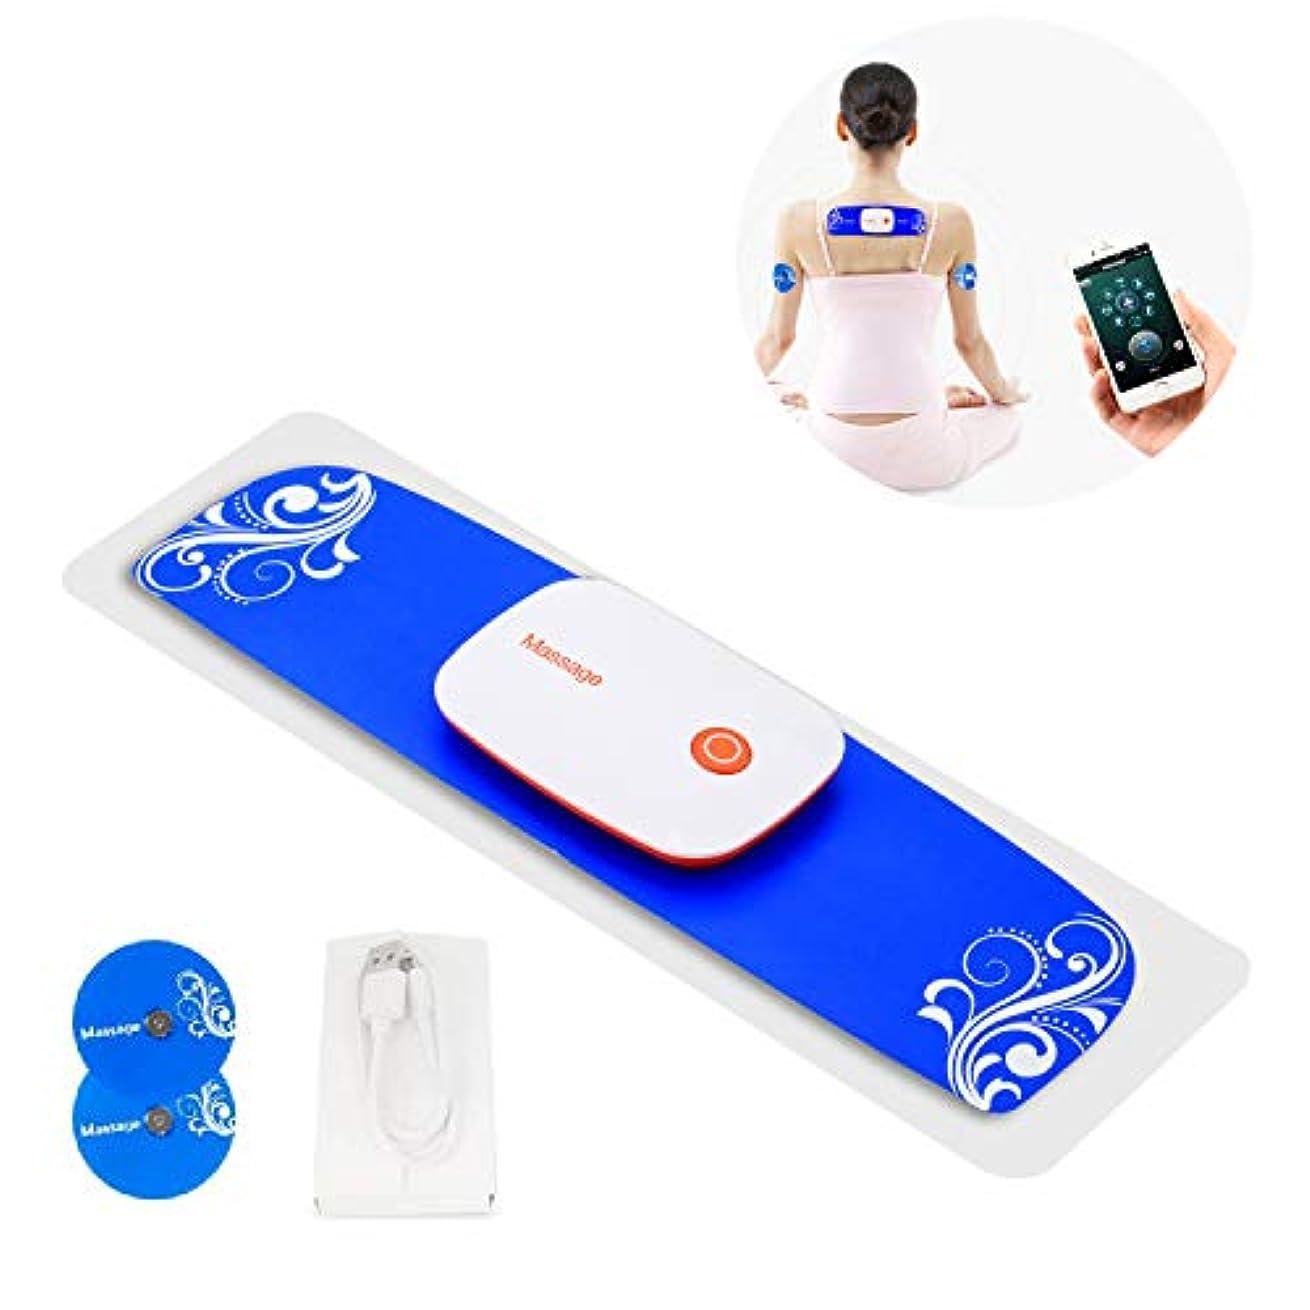 嬉しいです無臭仮装ミニマッサージャースマートAPPワイヤレスUSB充電式小型家庭用デジタル経絡ポータブルミニ子宮頸部マッサージの家庭用手順